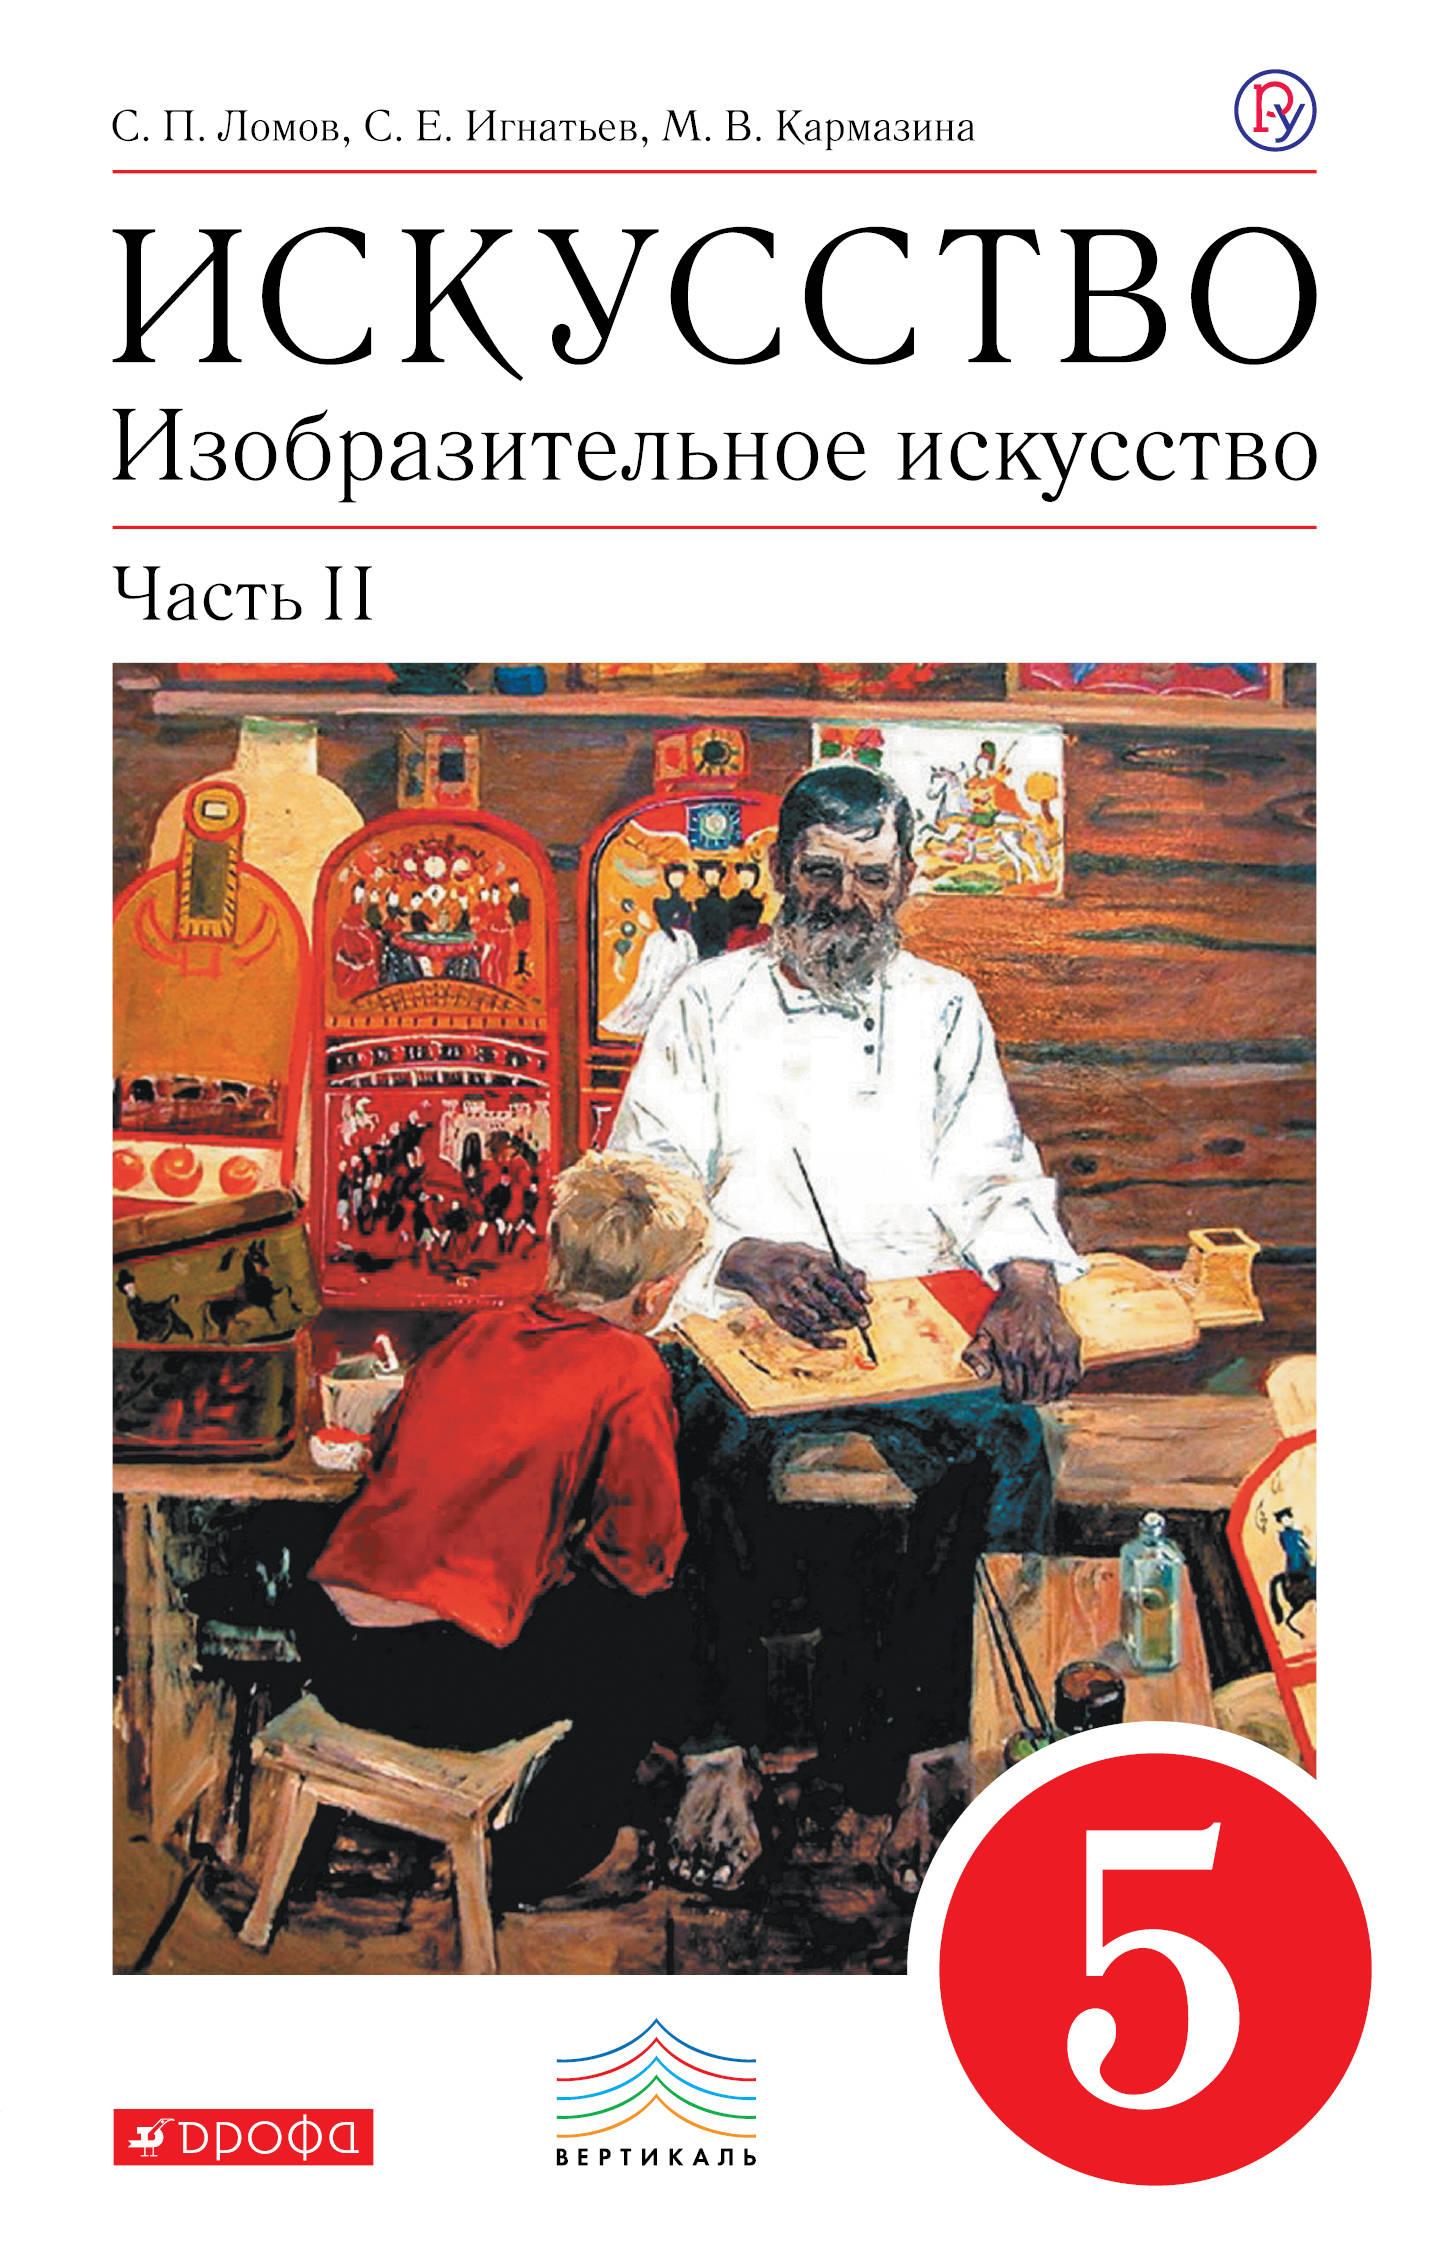 С. П. Ломов ,С. Е. Игнатьев,М. В. Кармазина Изобразительное искусство. 5 класс. Учебник. Часть 2 с п ломов с е игнатьев м в кармазина изобразительное искусство 5 класс учебник часть 2